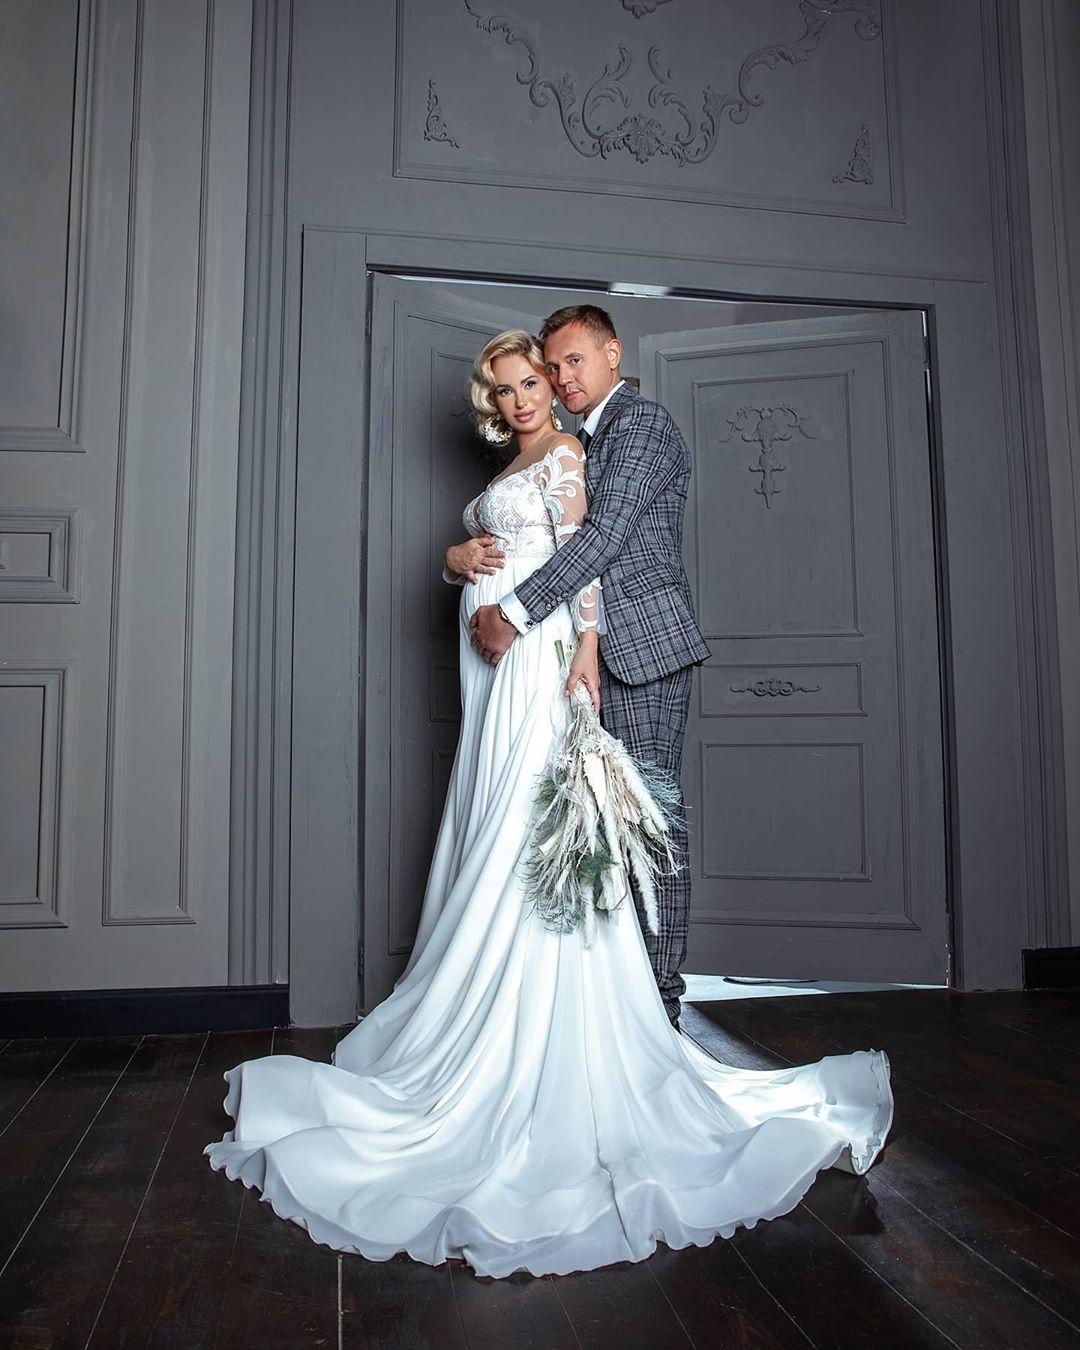 всего степан меньщиков с женой фото со свадьбы чистого сердца поздравляем